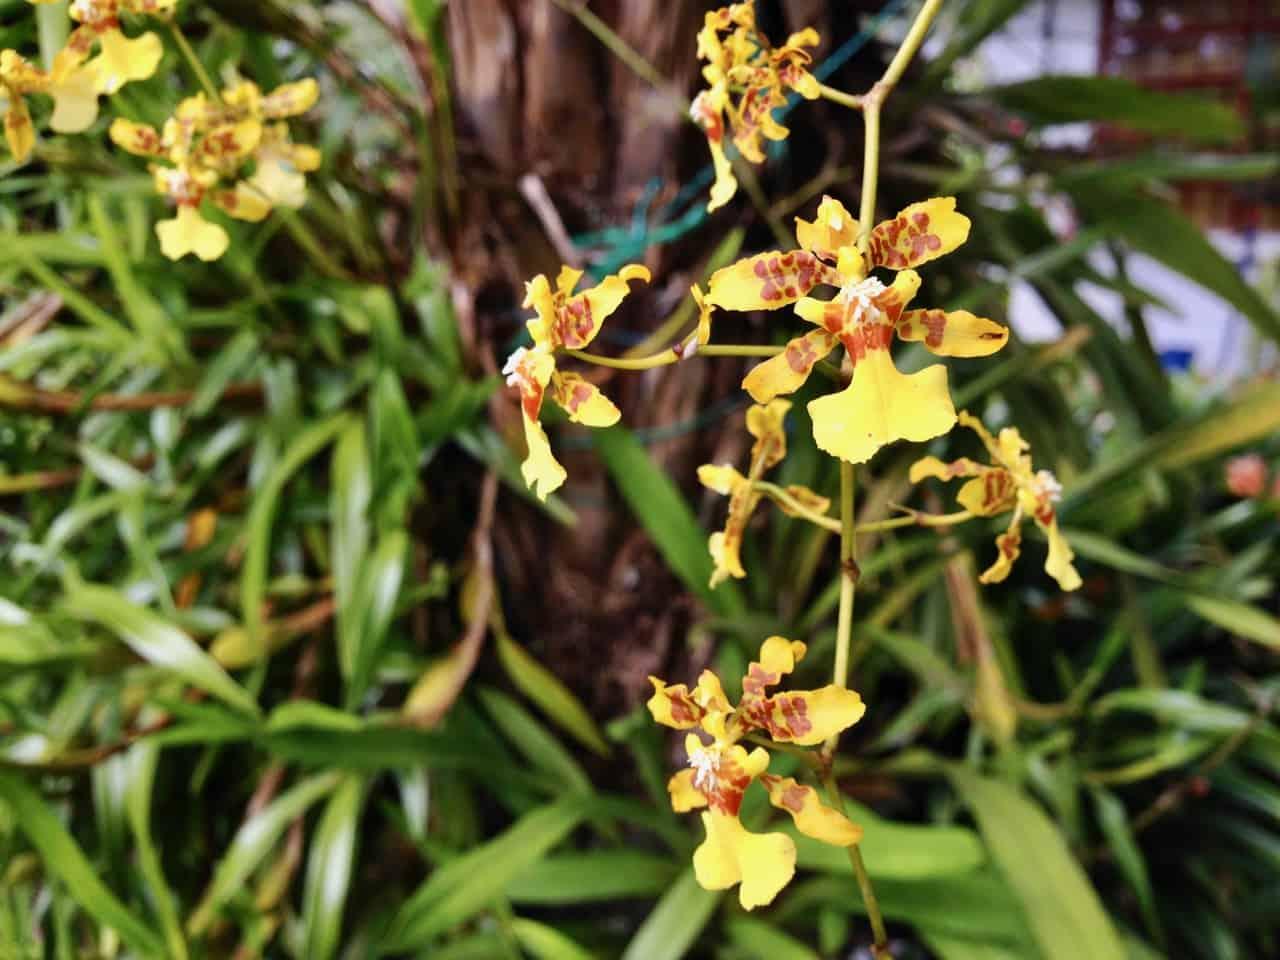 Orchideen (Bild: Martina Schäfer, Textrakt)